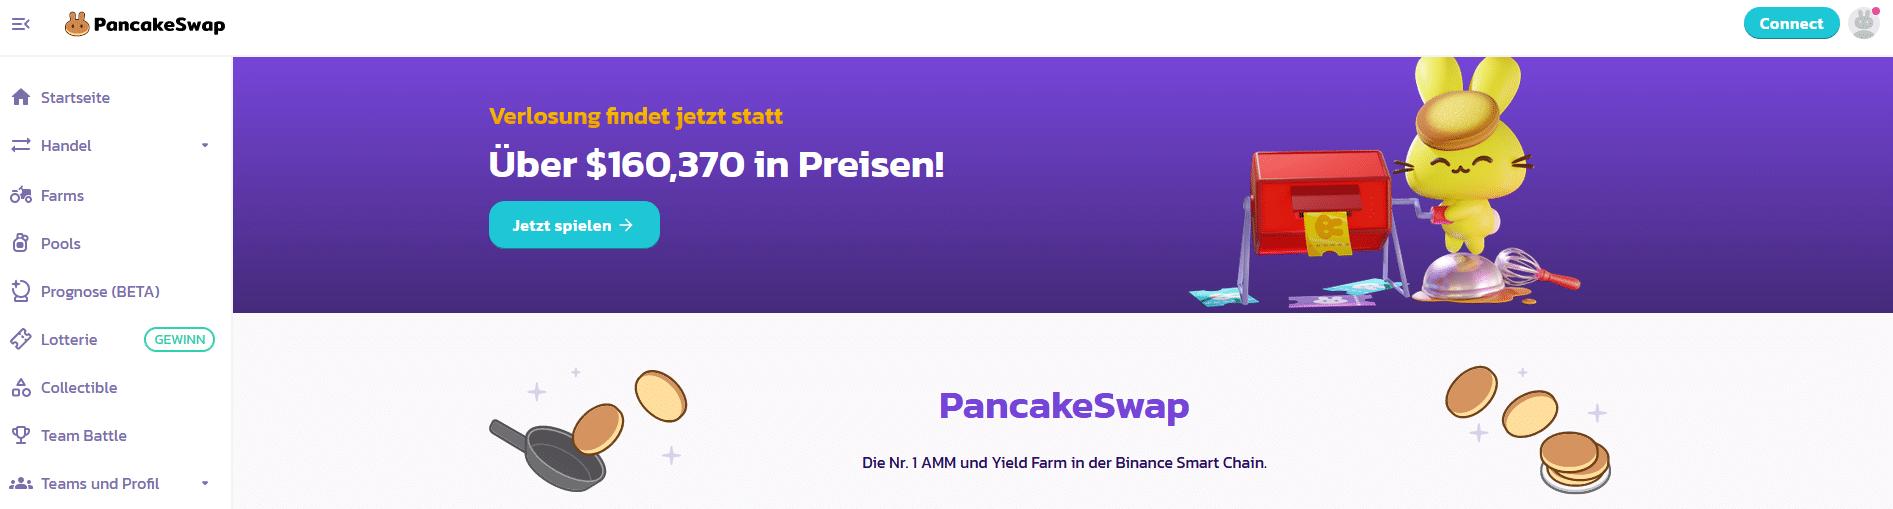 PancakeSwap kaufen